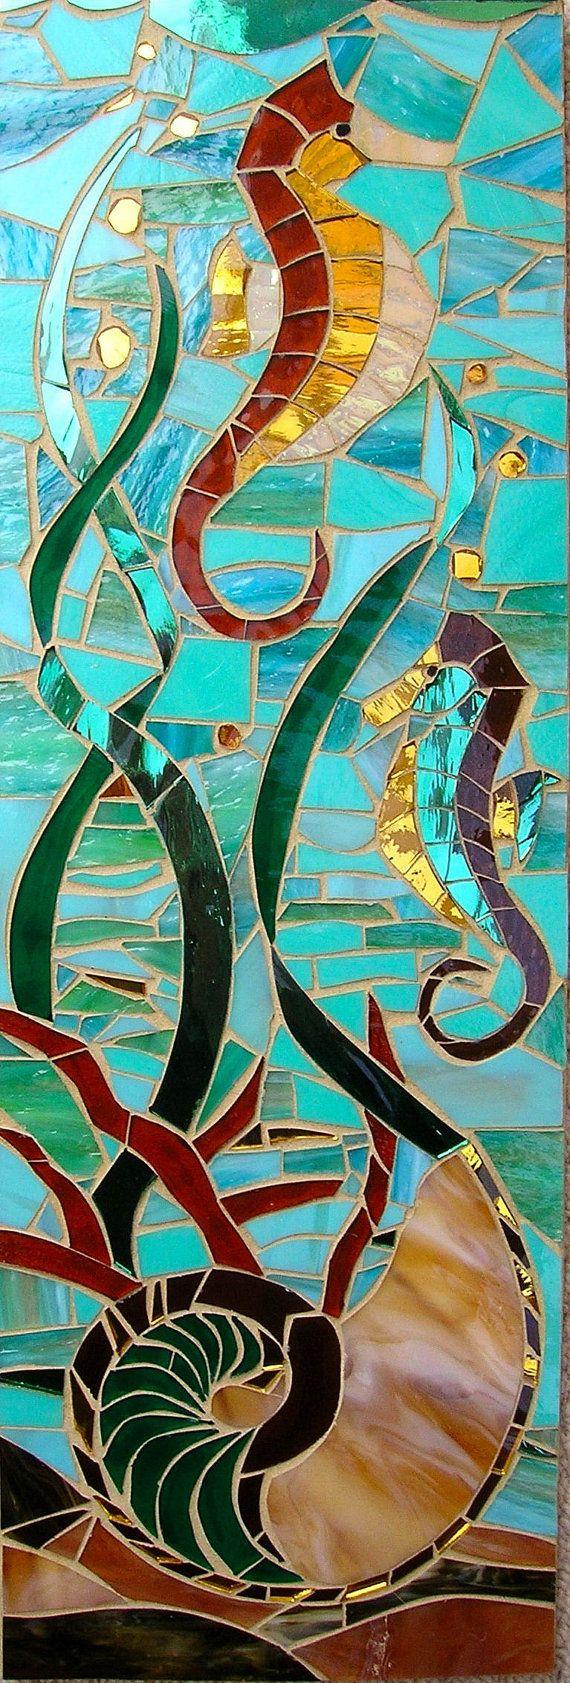 Mosaico de Caballito de mar y Nautilus tarjeta - tarjeta en blanco - Seahorse Nautilus tarjeta - arte de la pared de mar Shell - criatura del mar - Caballito de mar